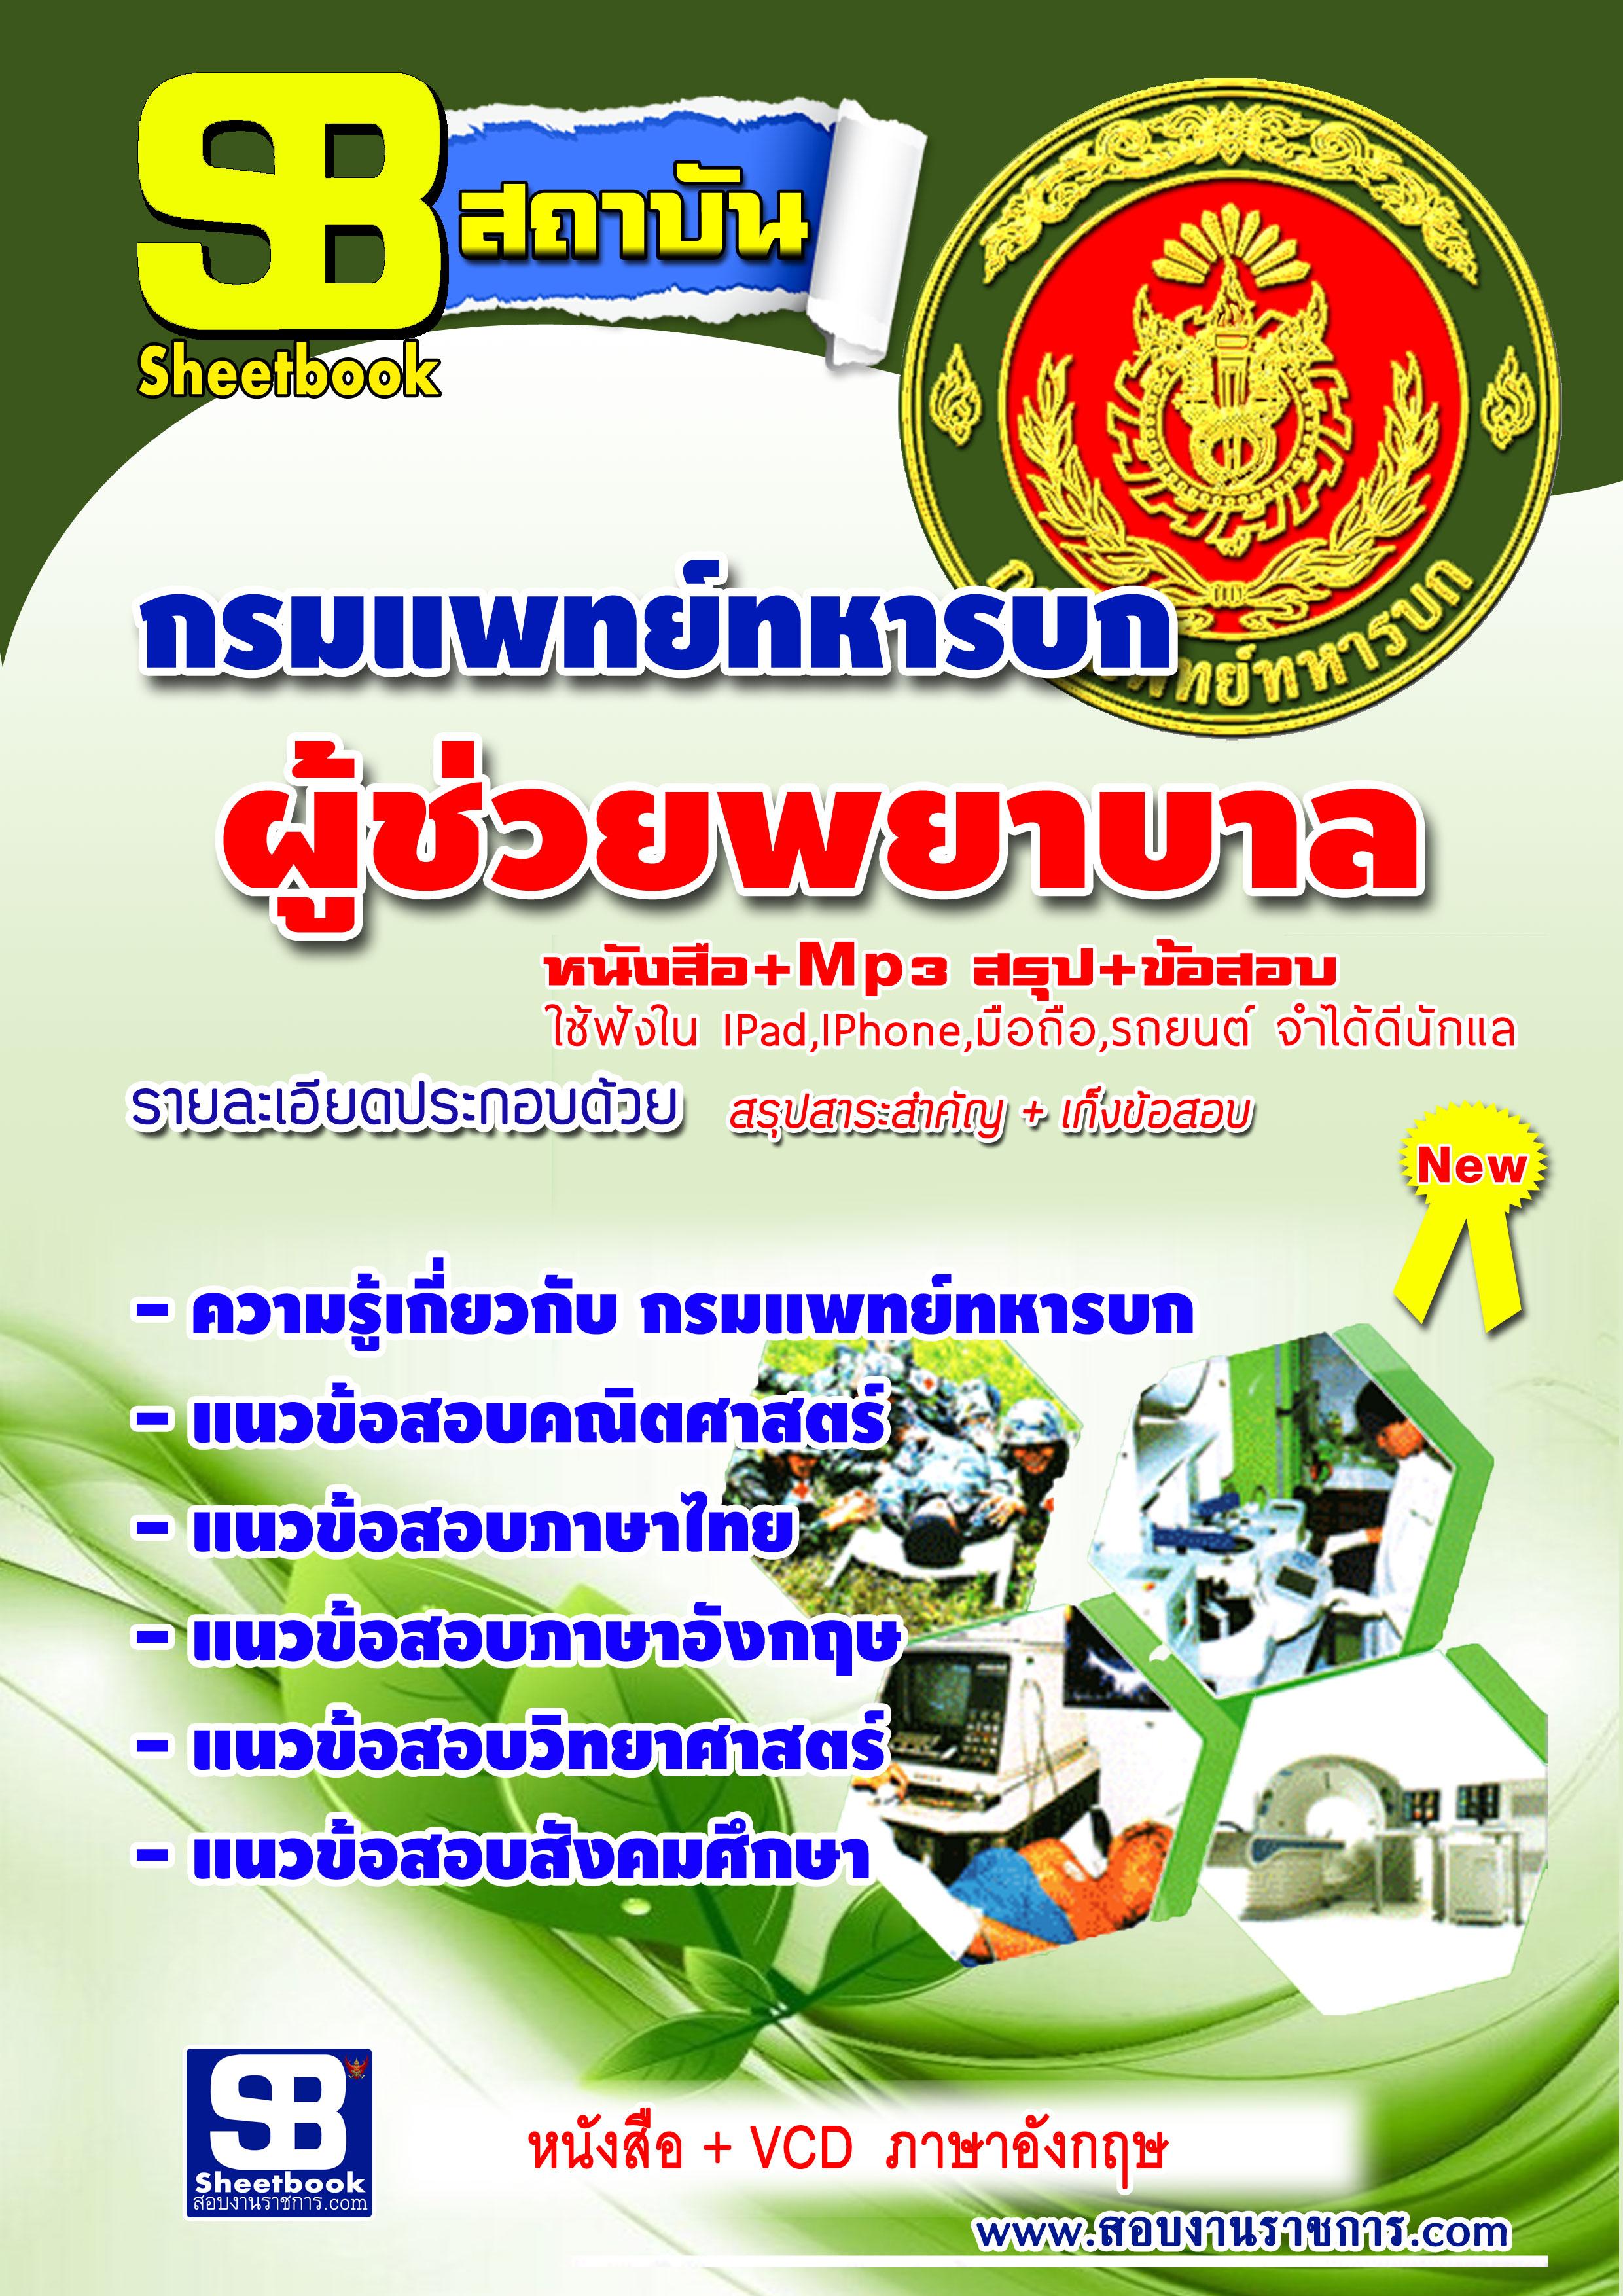 หนังสือ+VCD ผู้ช่วยพยาบาล กรมแพทย์ทหารบก